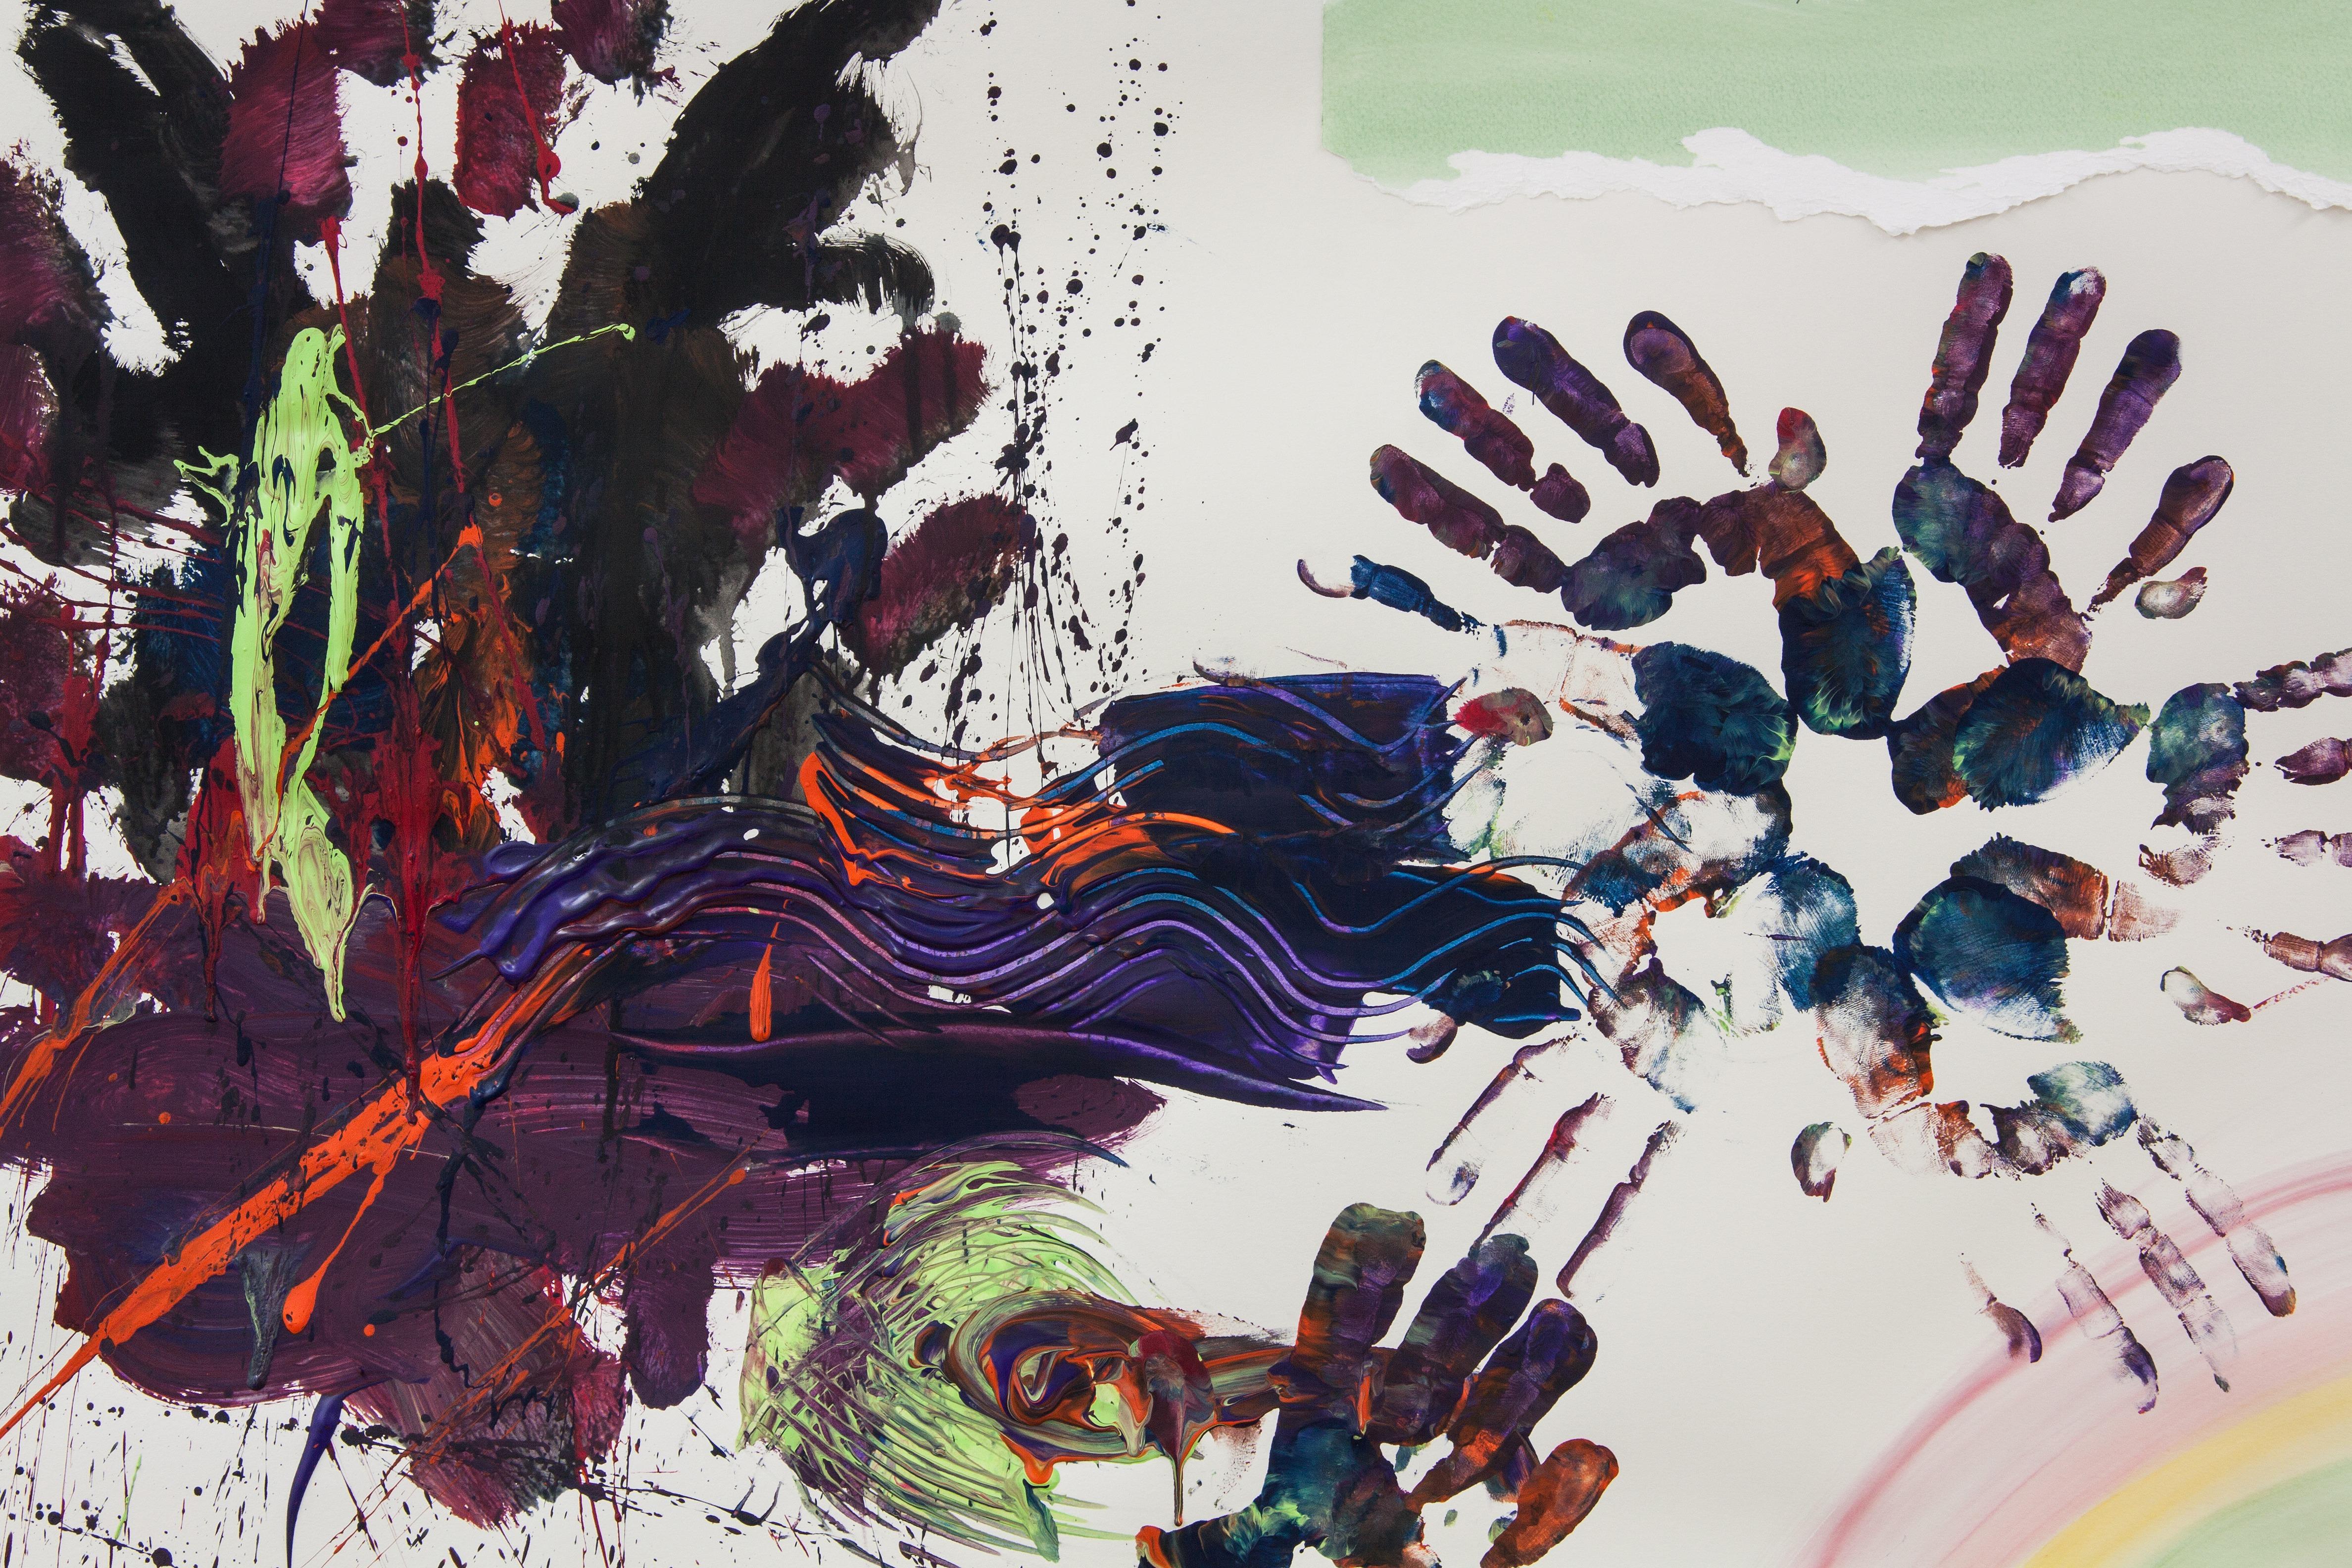 Fotoğraf Soyut Yapı çiçek Boya Renkli Boyama Illüstrasyon